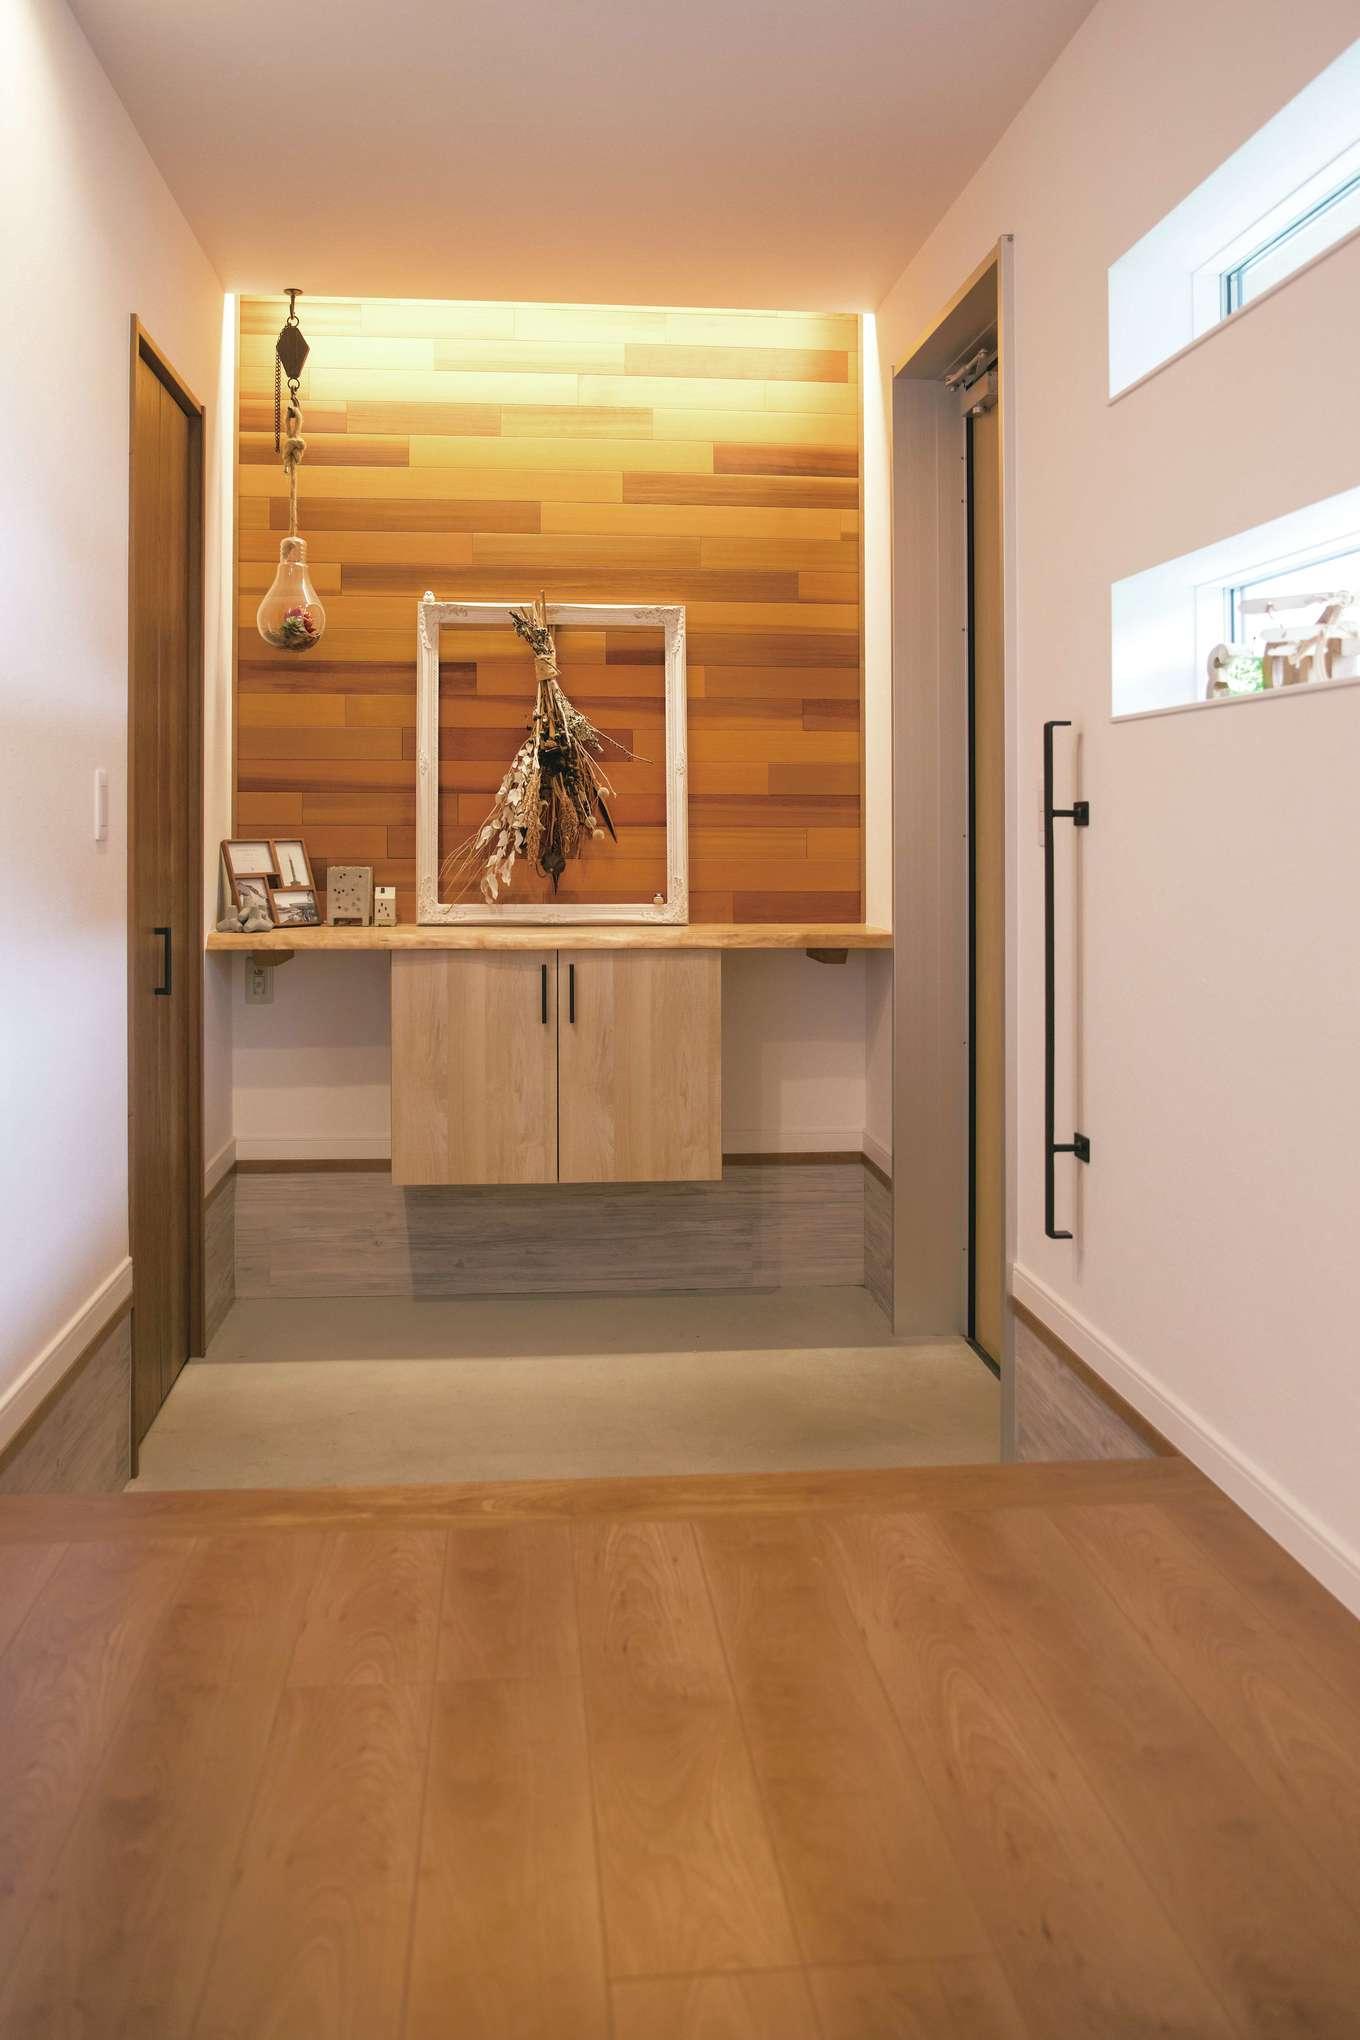 宮下工務店【デザイン住宅、間取り、インテリア】無垢の素材感と間接照明を活かして玄関をスタイリッシュに演出